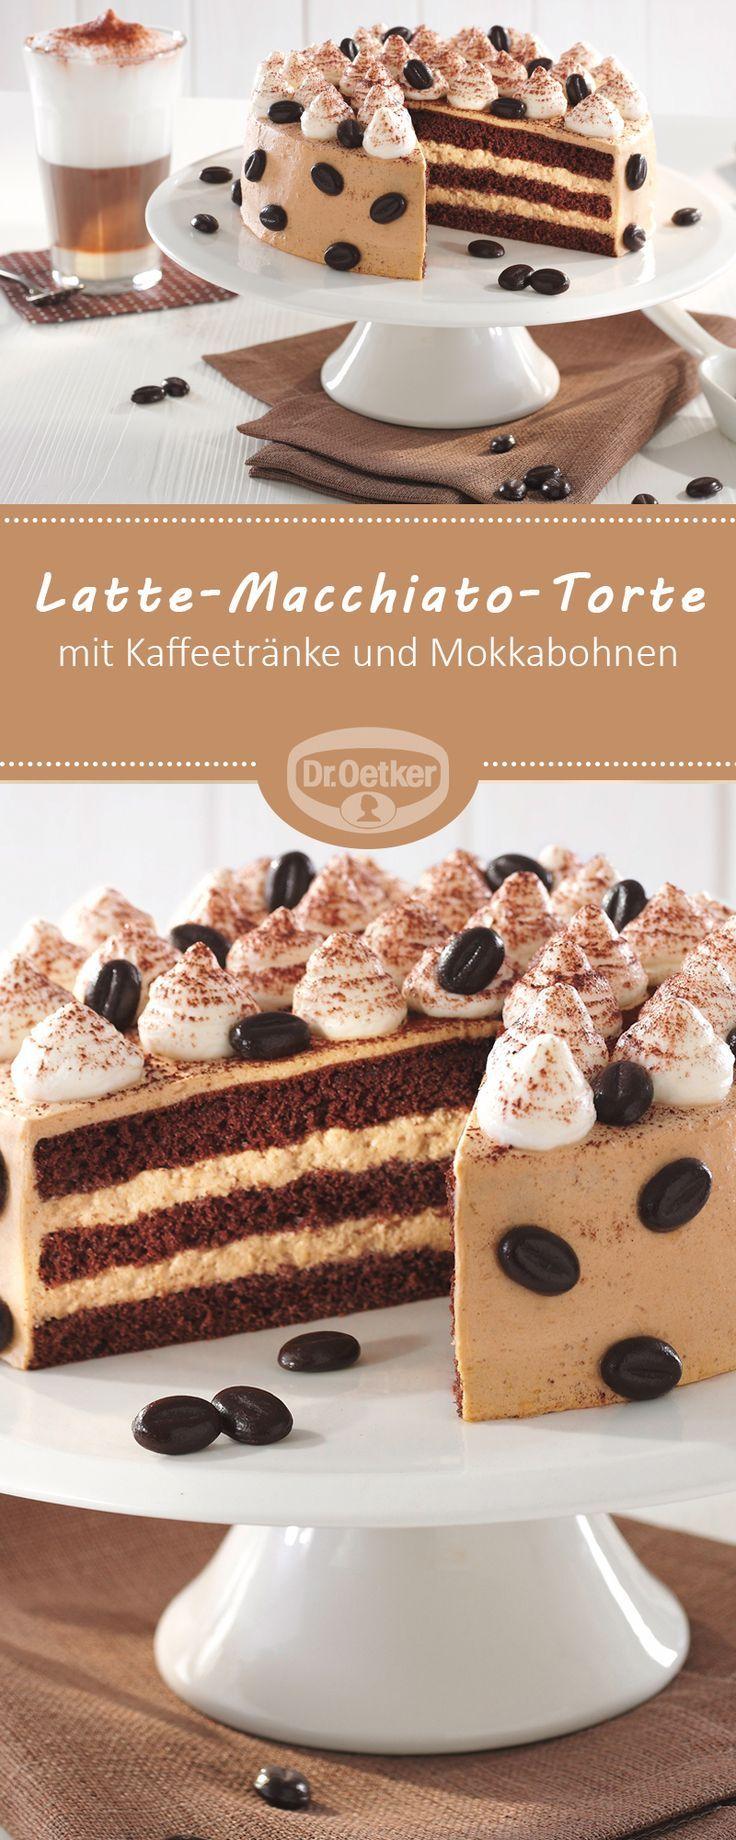 Kleine Latte Macchiato Torte Rezept Kuchen Torten Rezepte